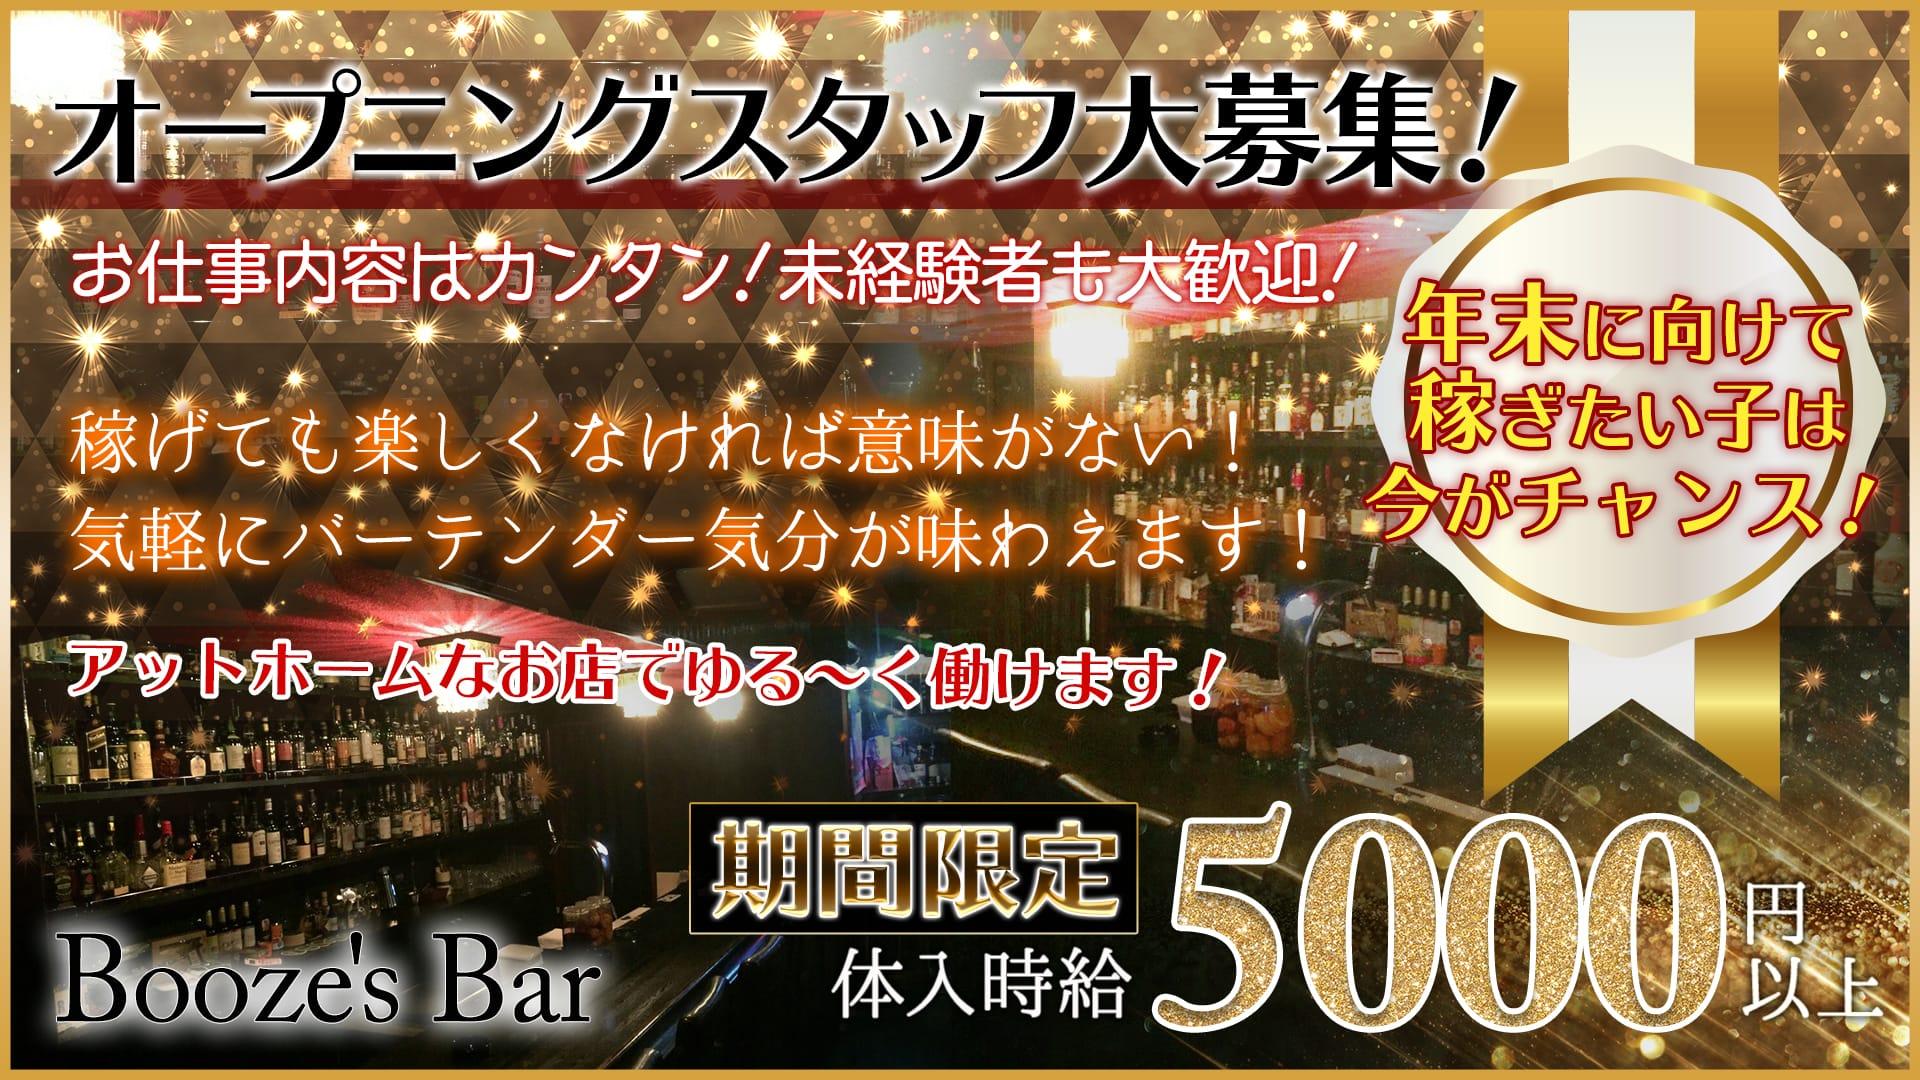 Booze's Bar(ブージーズ・バー) 吉祥寺ガールズバー TOP画像